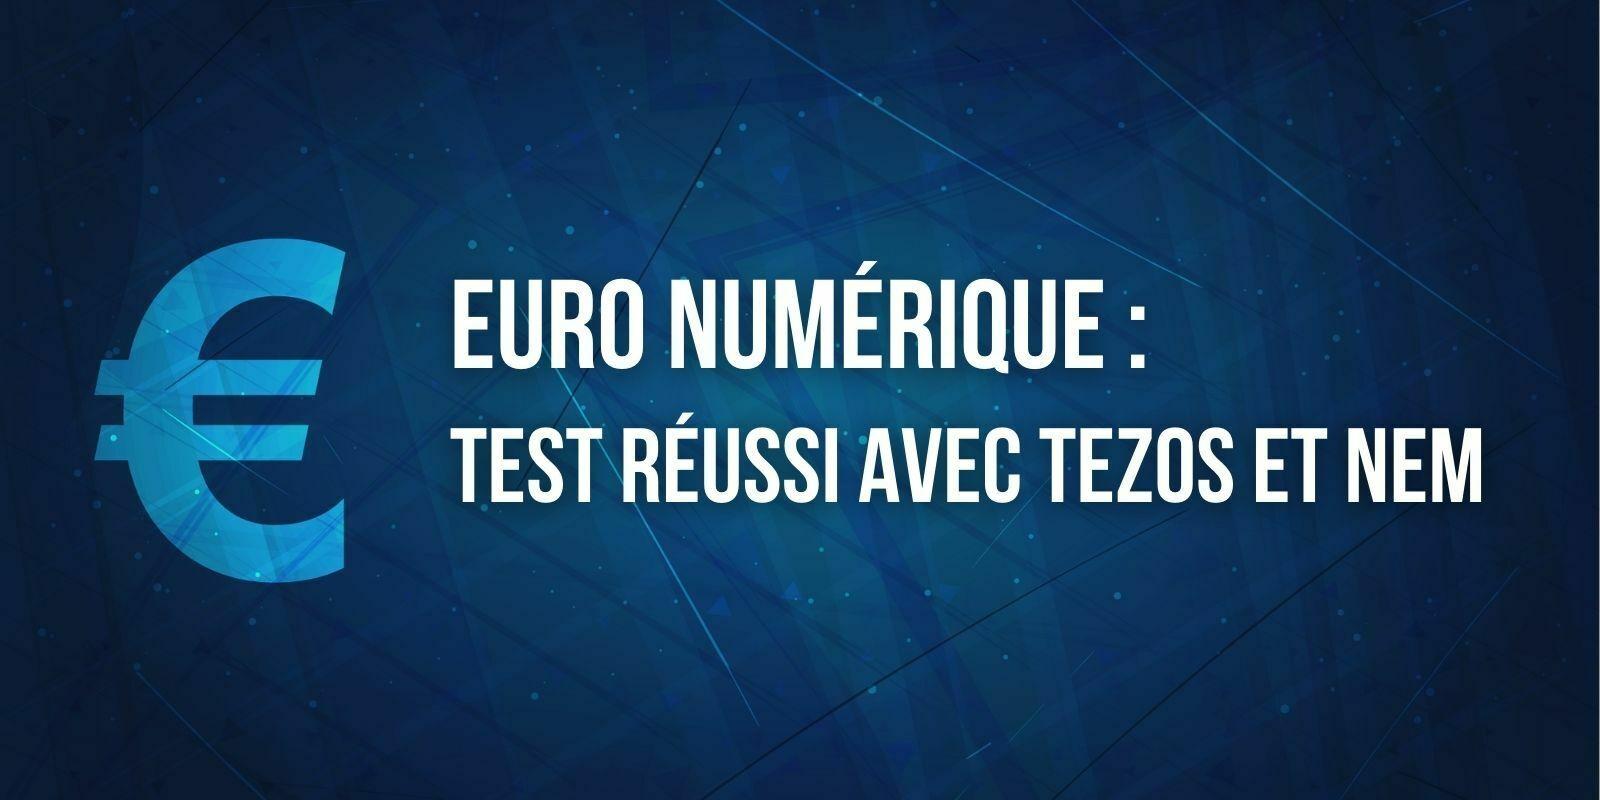 Les blockchains Tezos et NEM ont été testées dans le projet d'euro numérique de la BCE